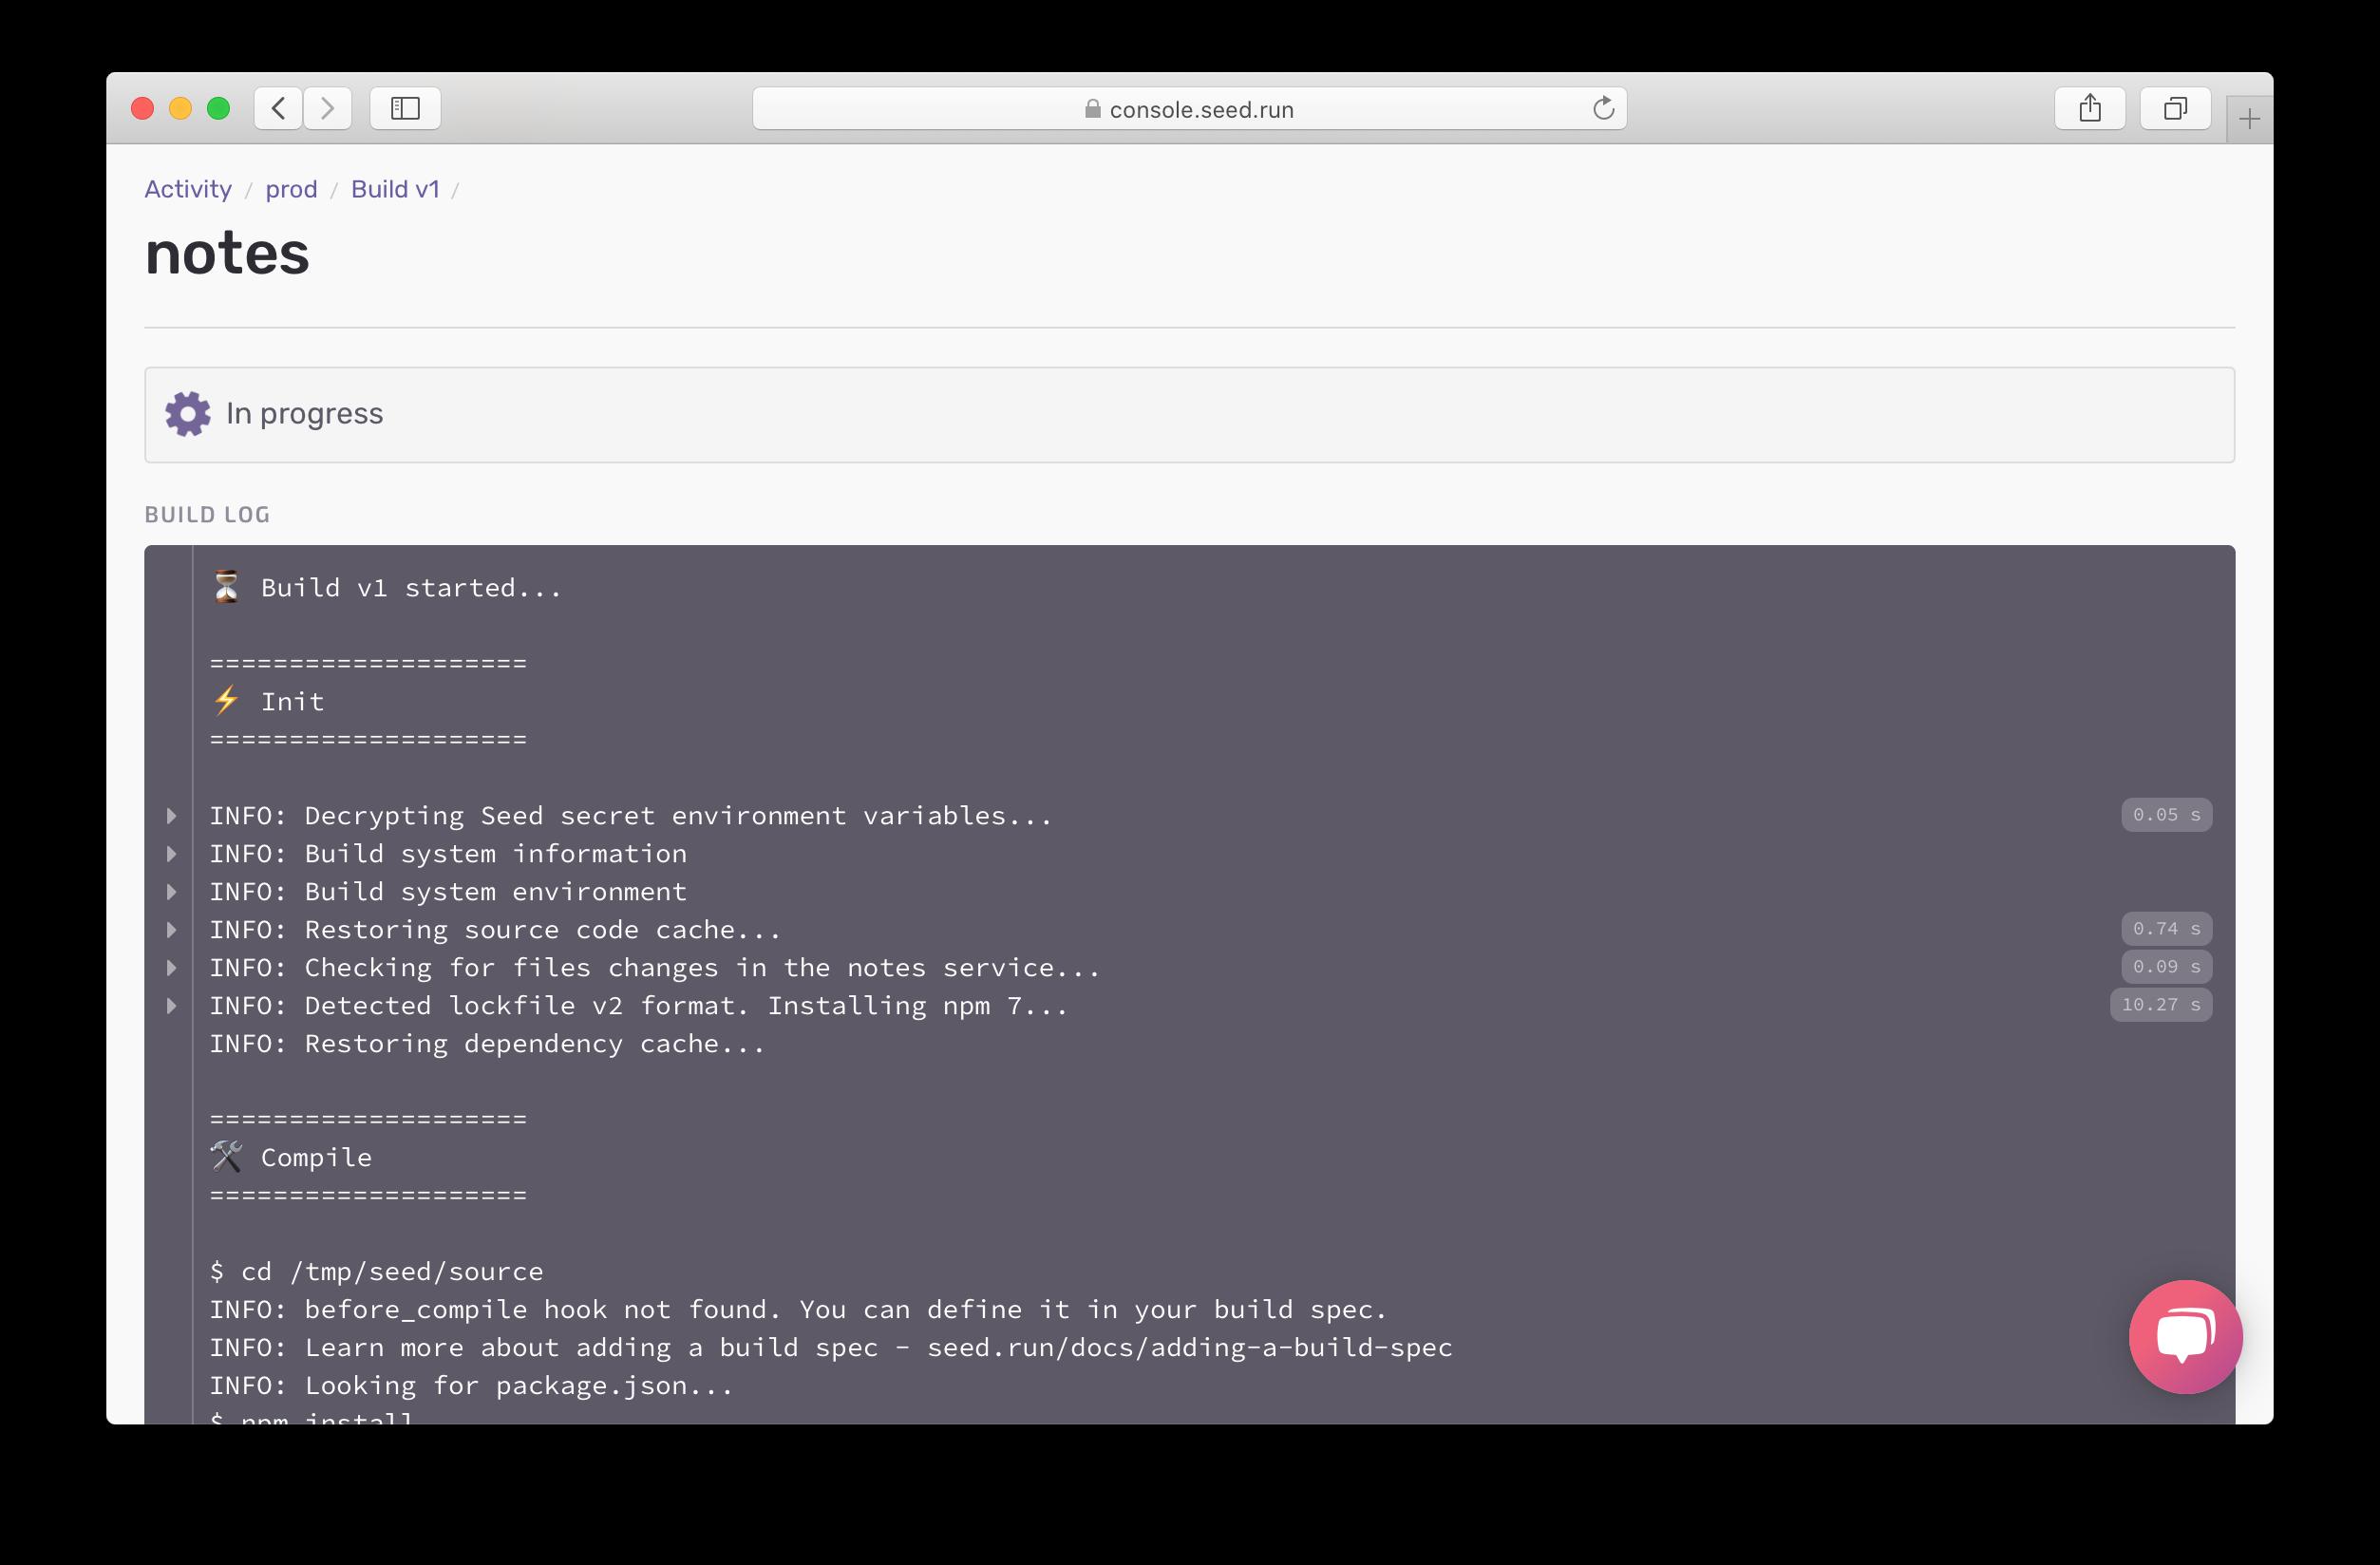 Prod build logs in progress